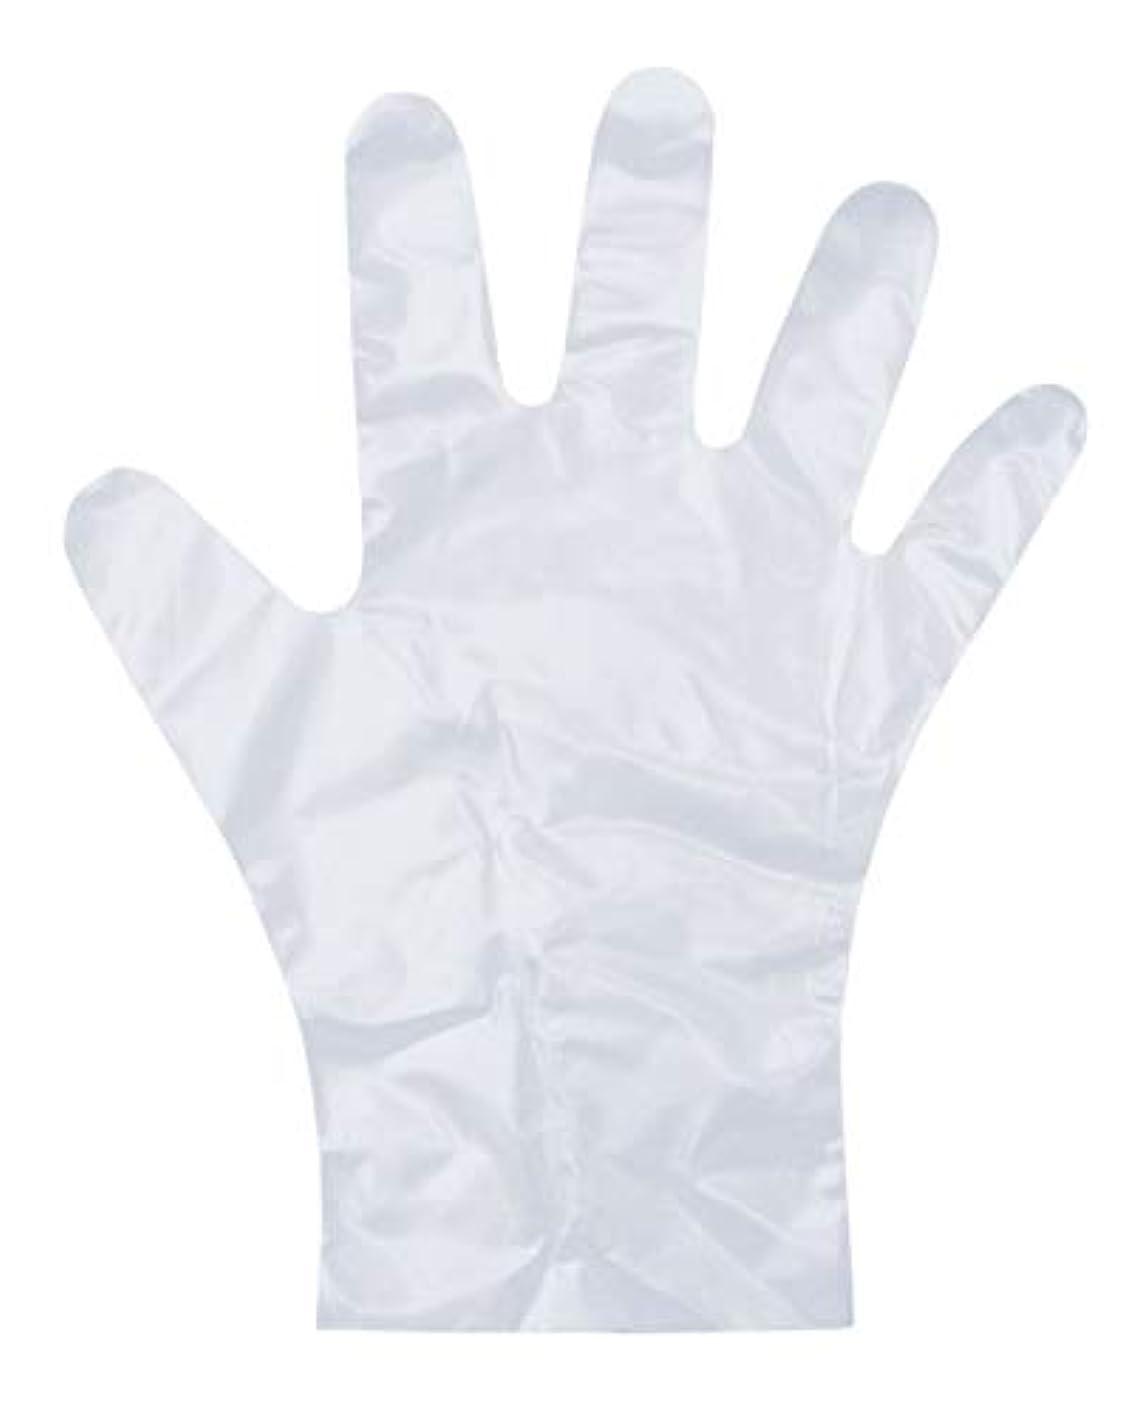 欲求不満月前投薬ダンロップ ホームプロダクツ ビニール手袋 ポリエチレン エンボス 半透明 M 調理 毛染め ペンキ塗り PD-110 100枚入